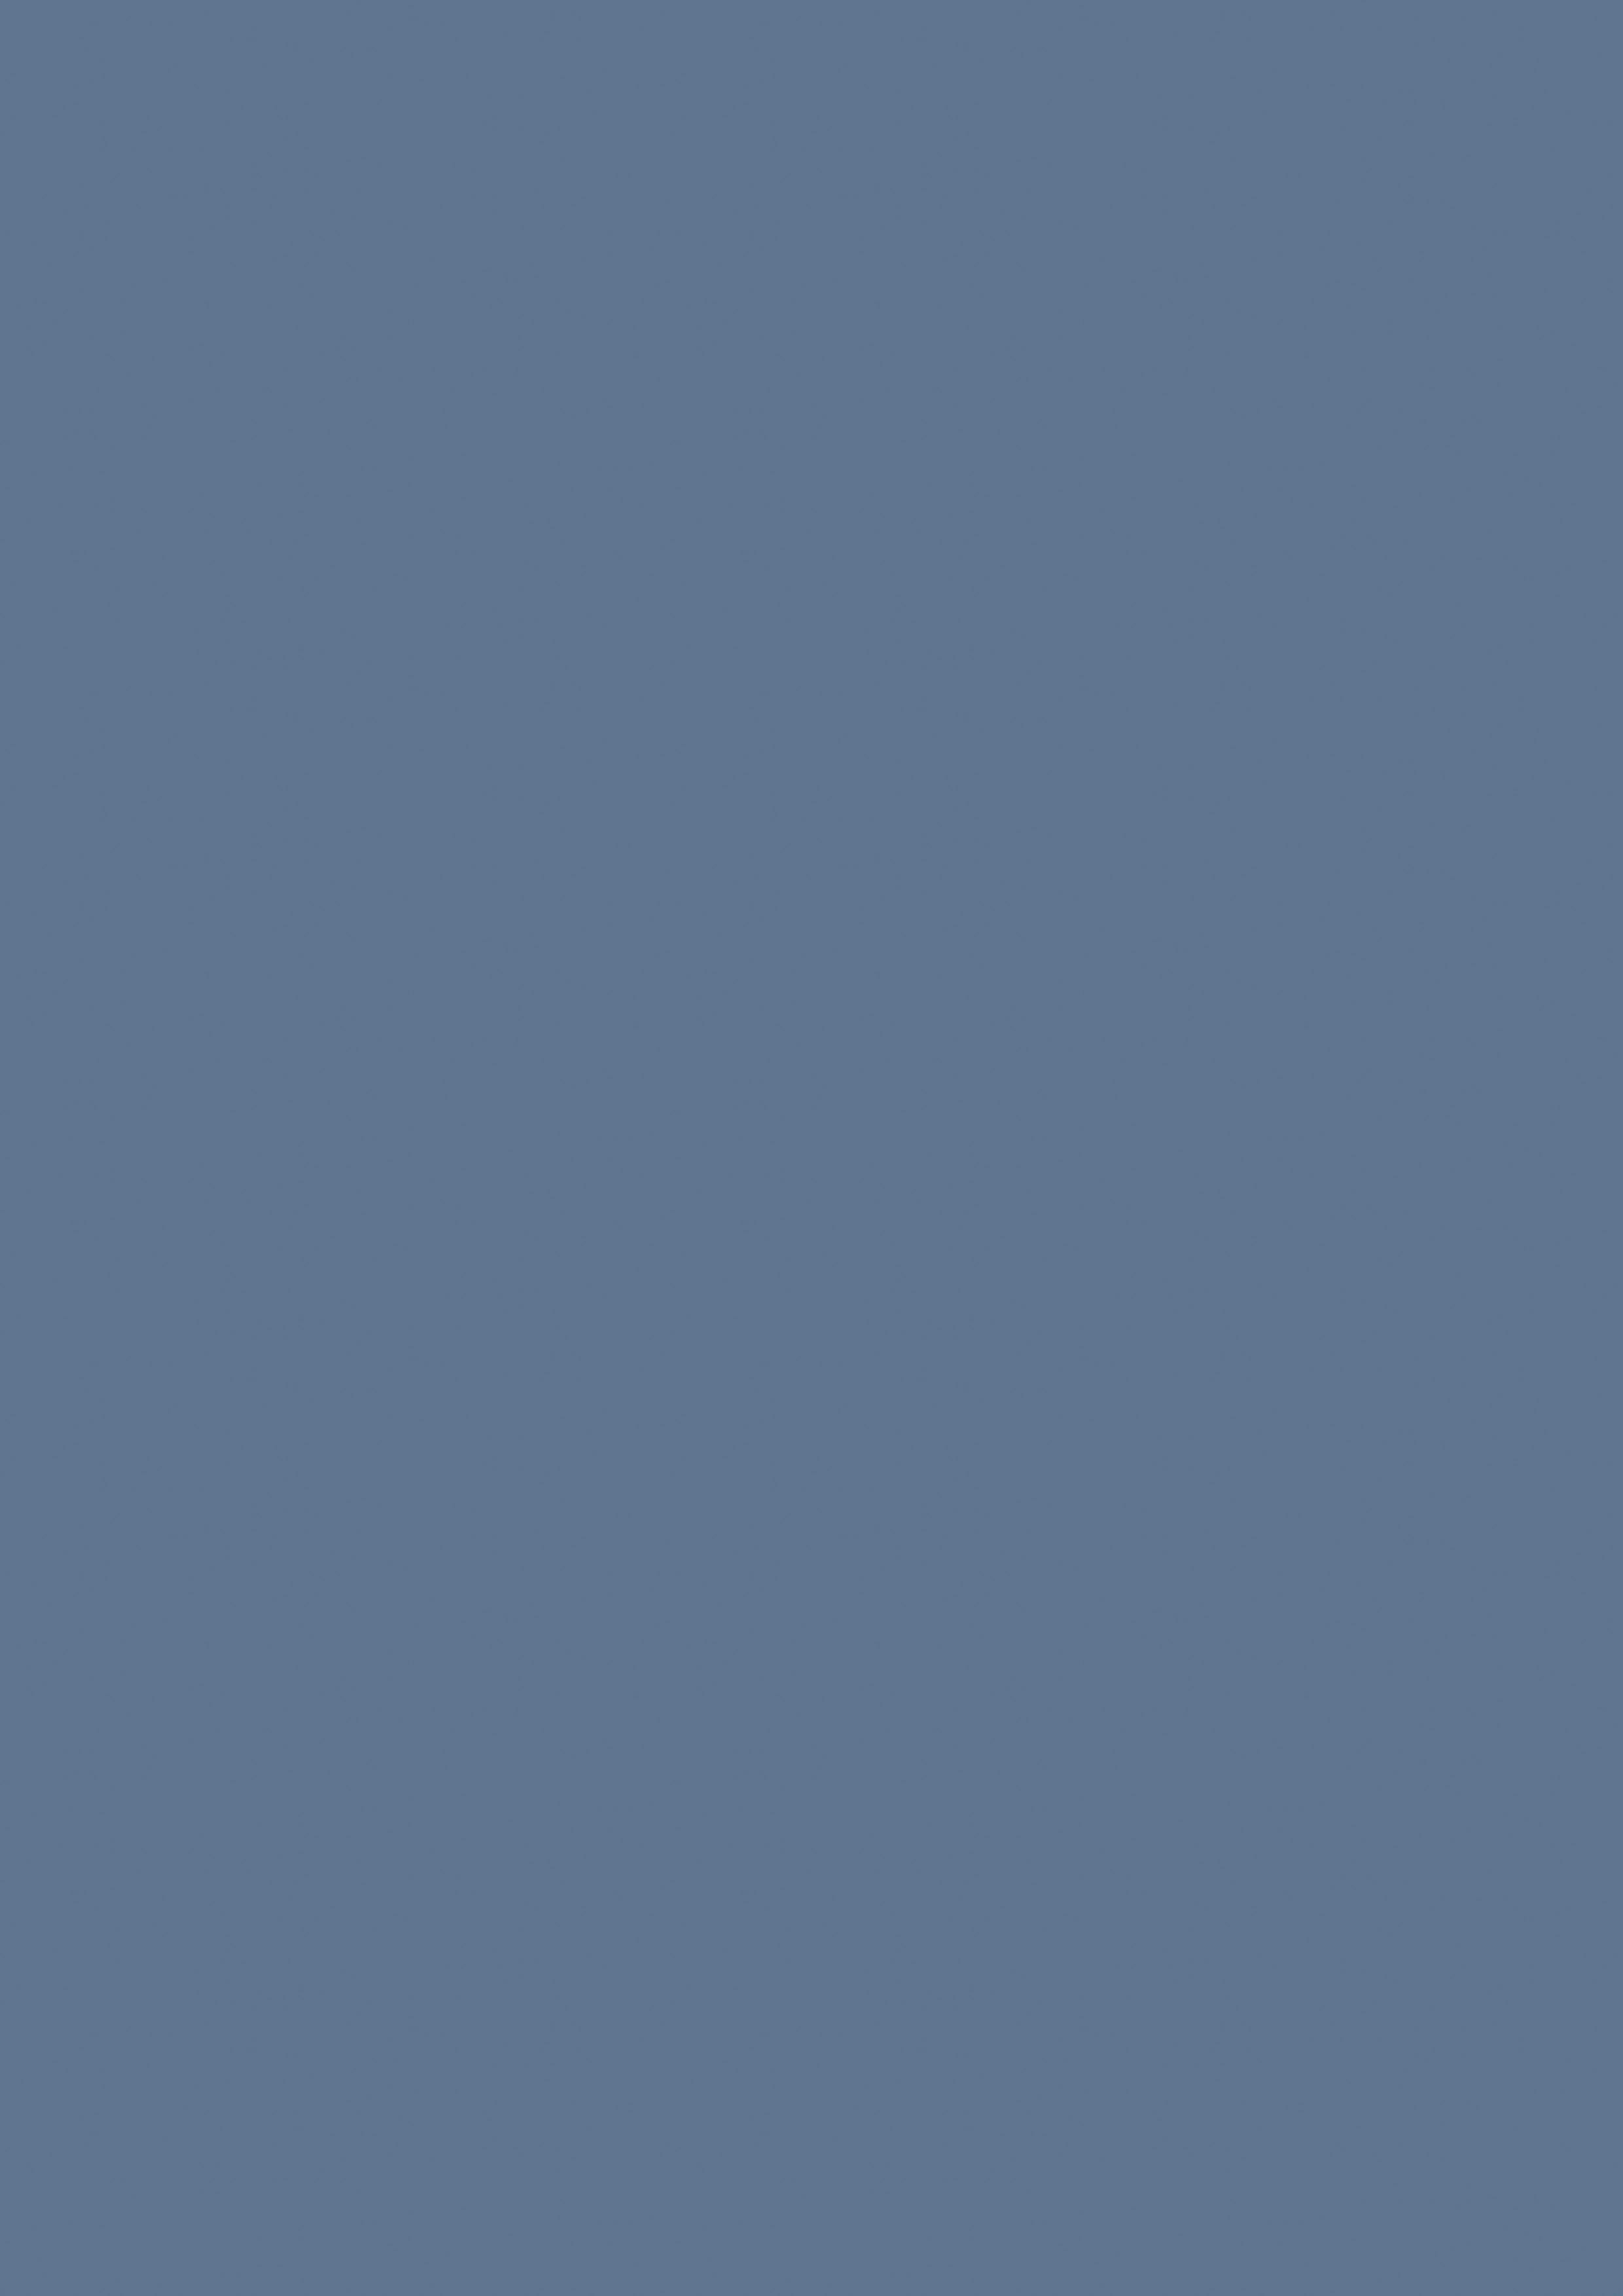 Sky Blue (U1715FG)